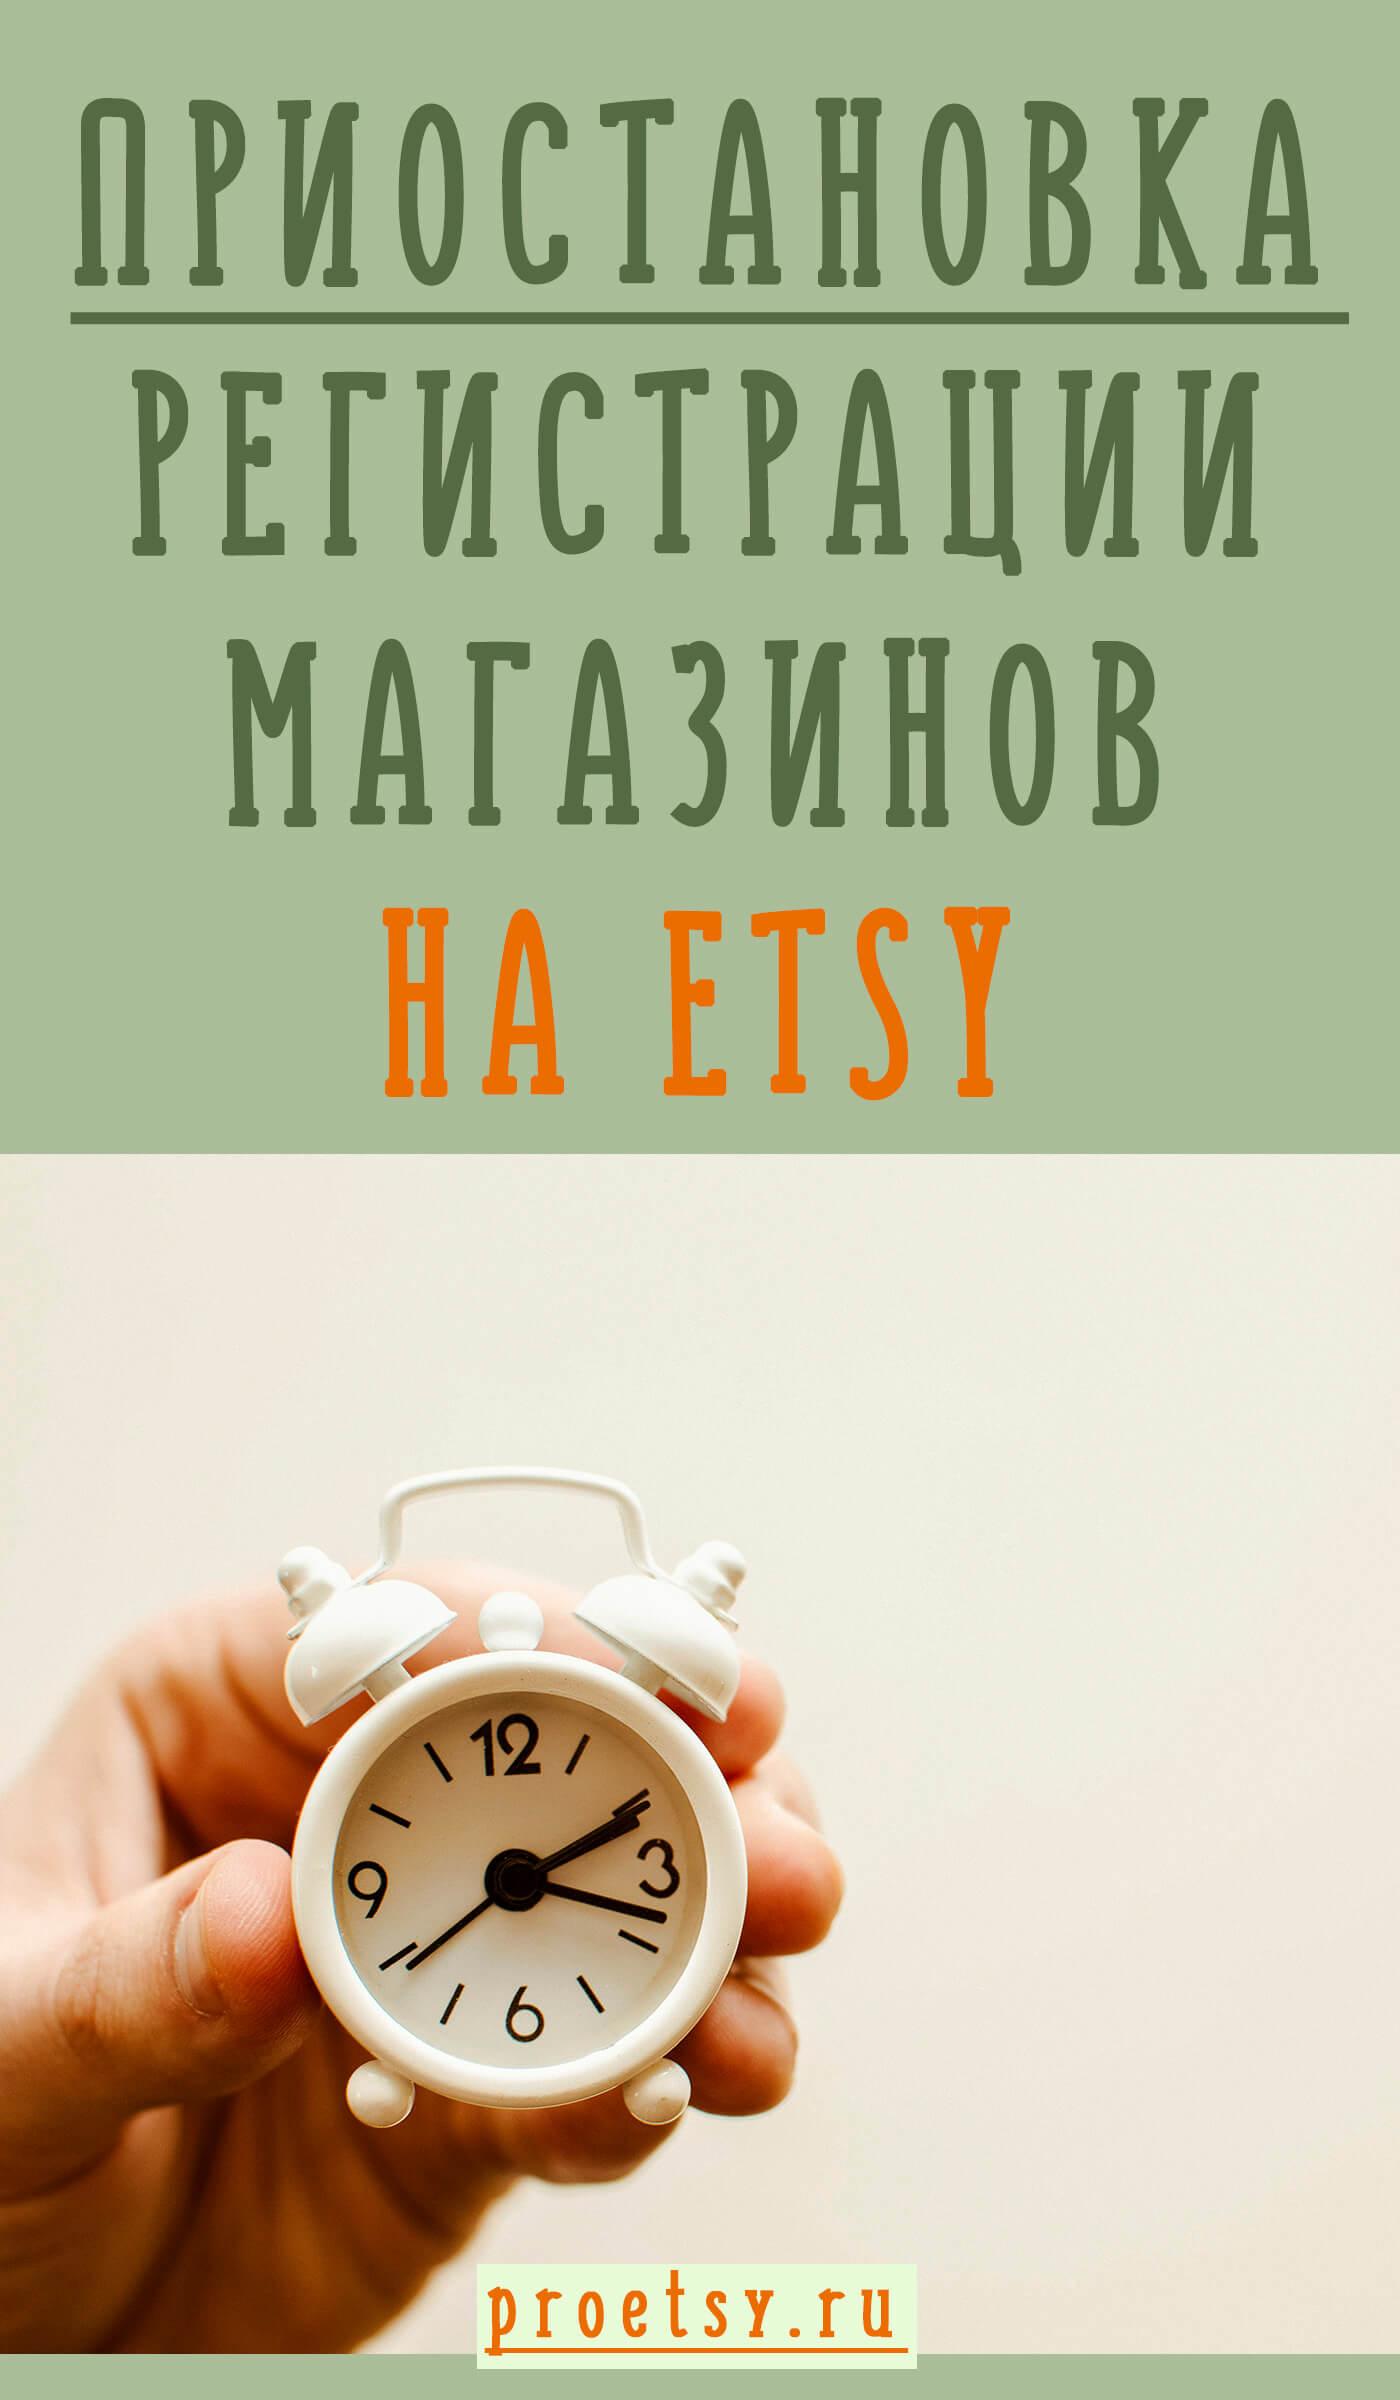 Etsy приостановили регистрацию новых магазинов из России, Украины и других стран